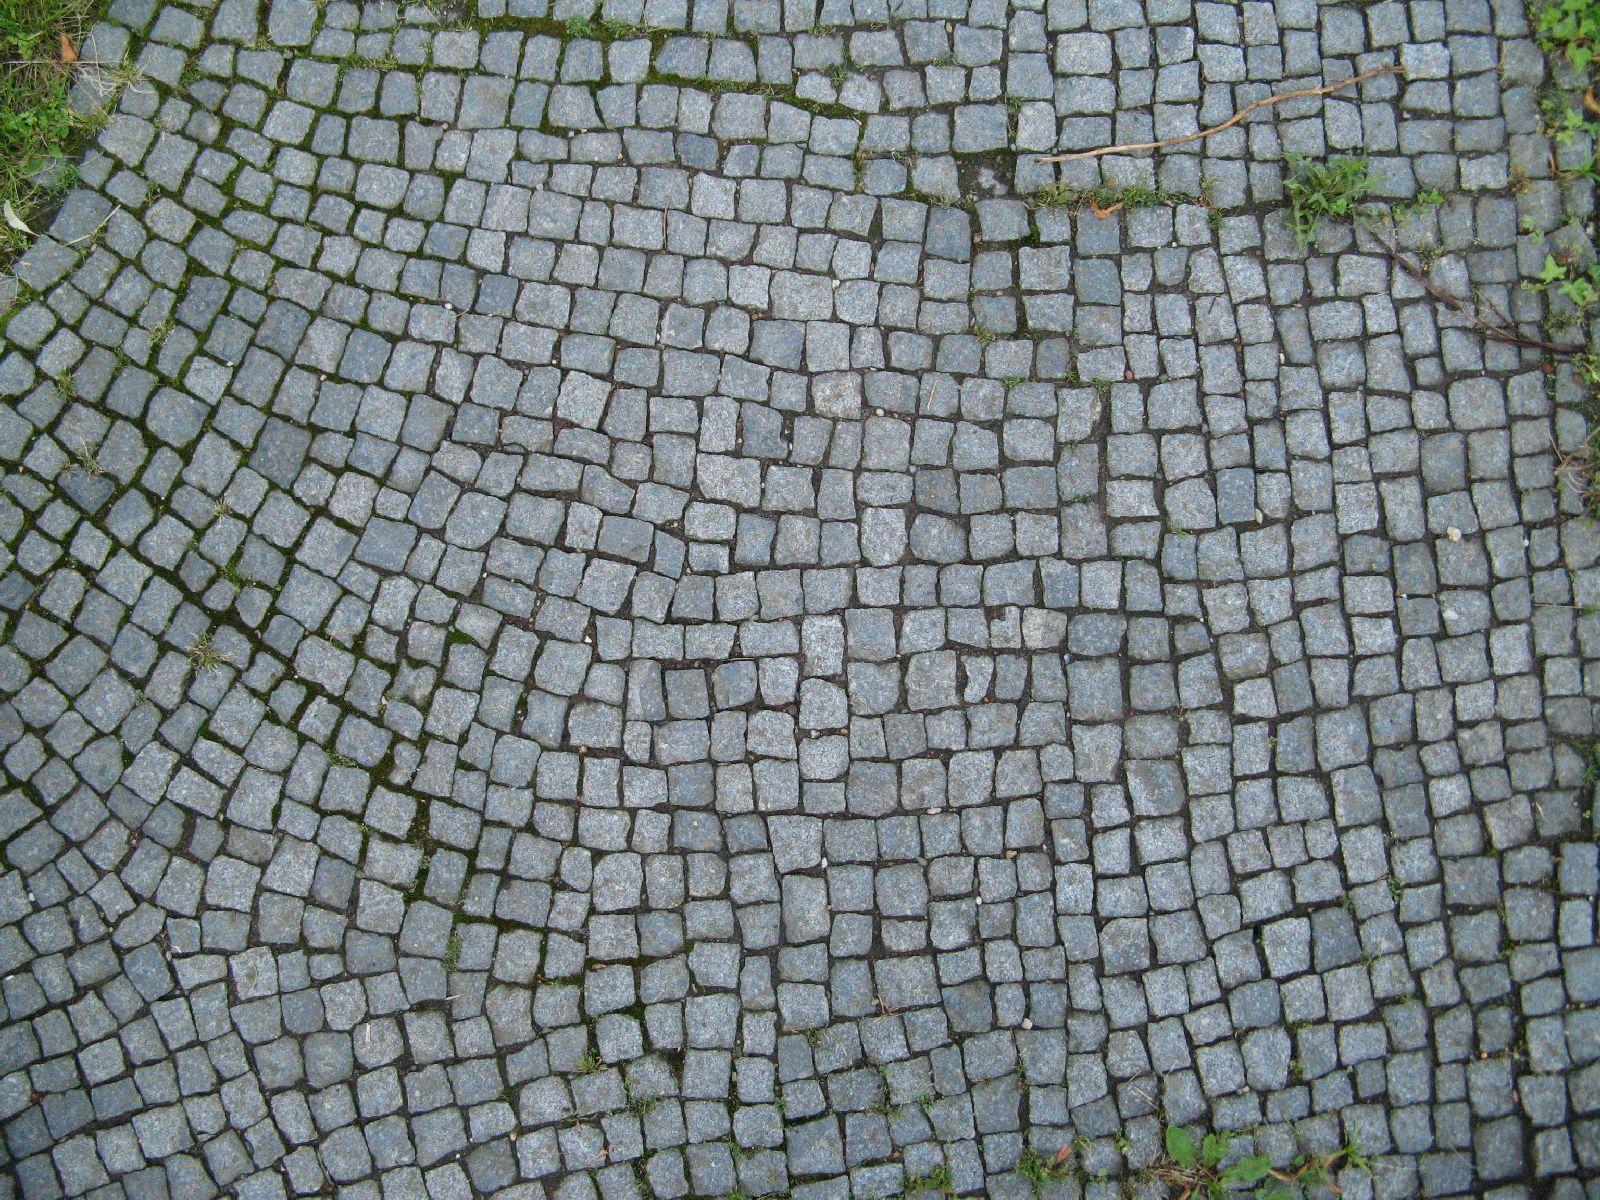 Boden-Gehweg-Strasse-Buergersteig-Textur_B_1061